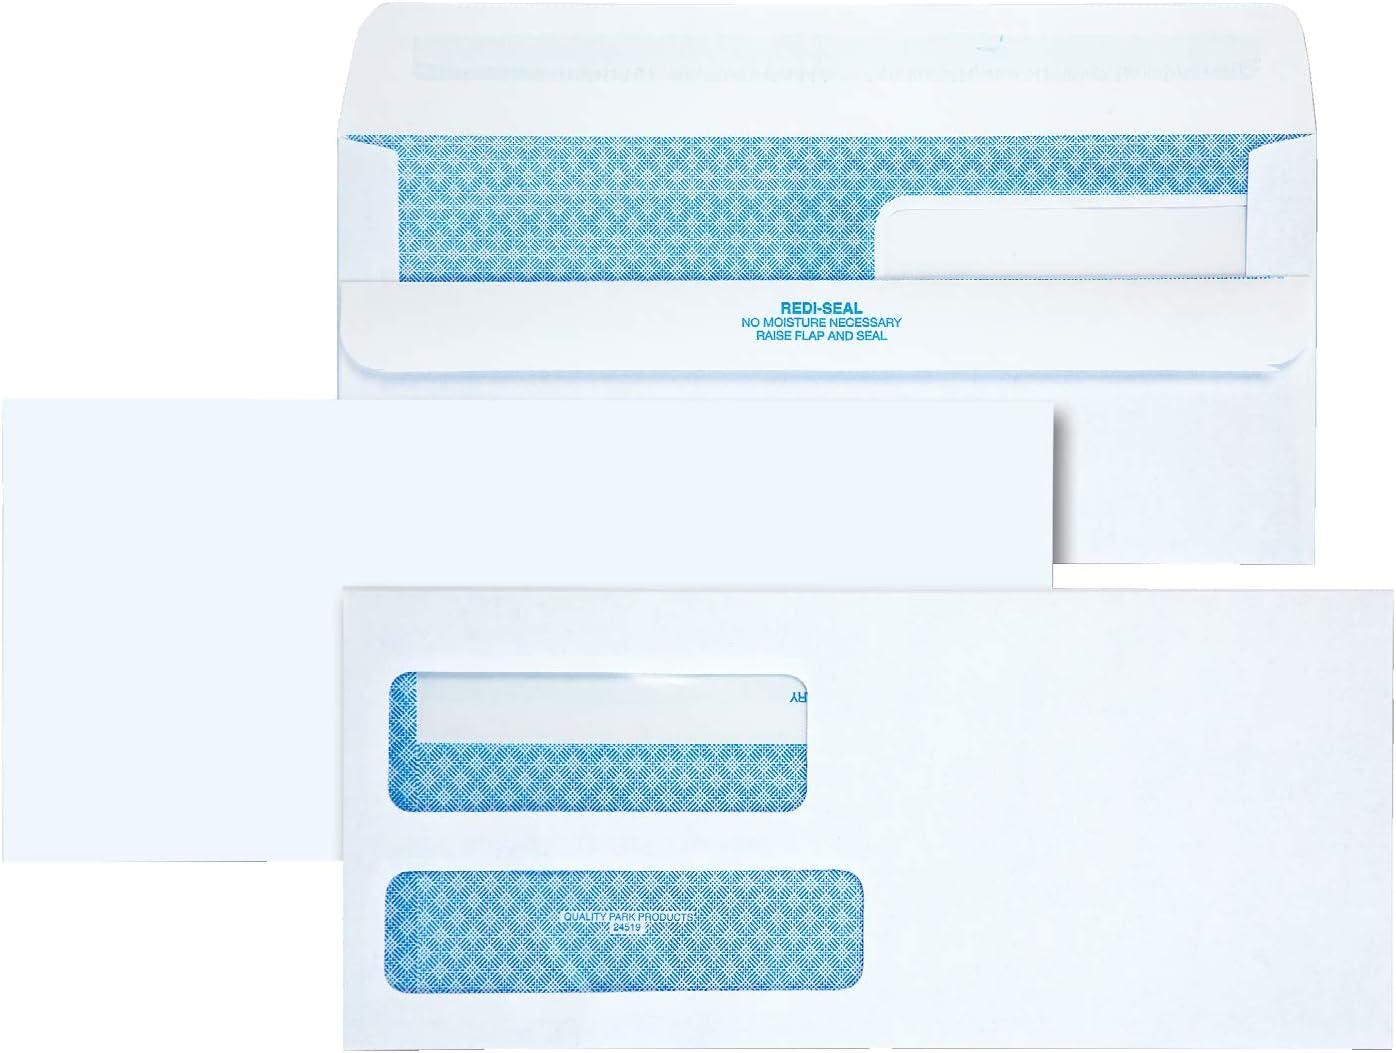 Gummed Quality Park Booklet Envelopes 100 per Box, White 37113 6 x 9